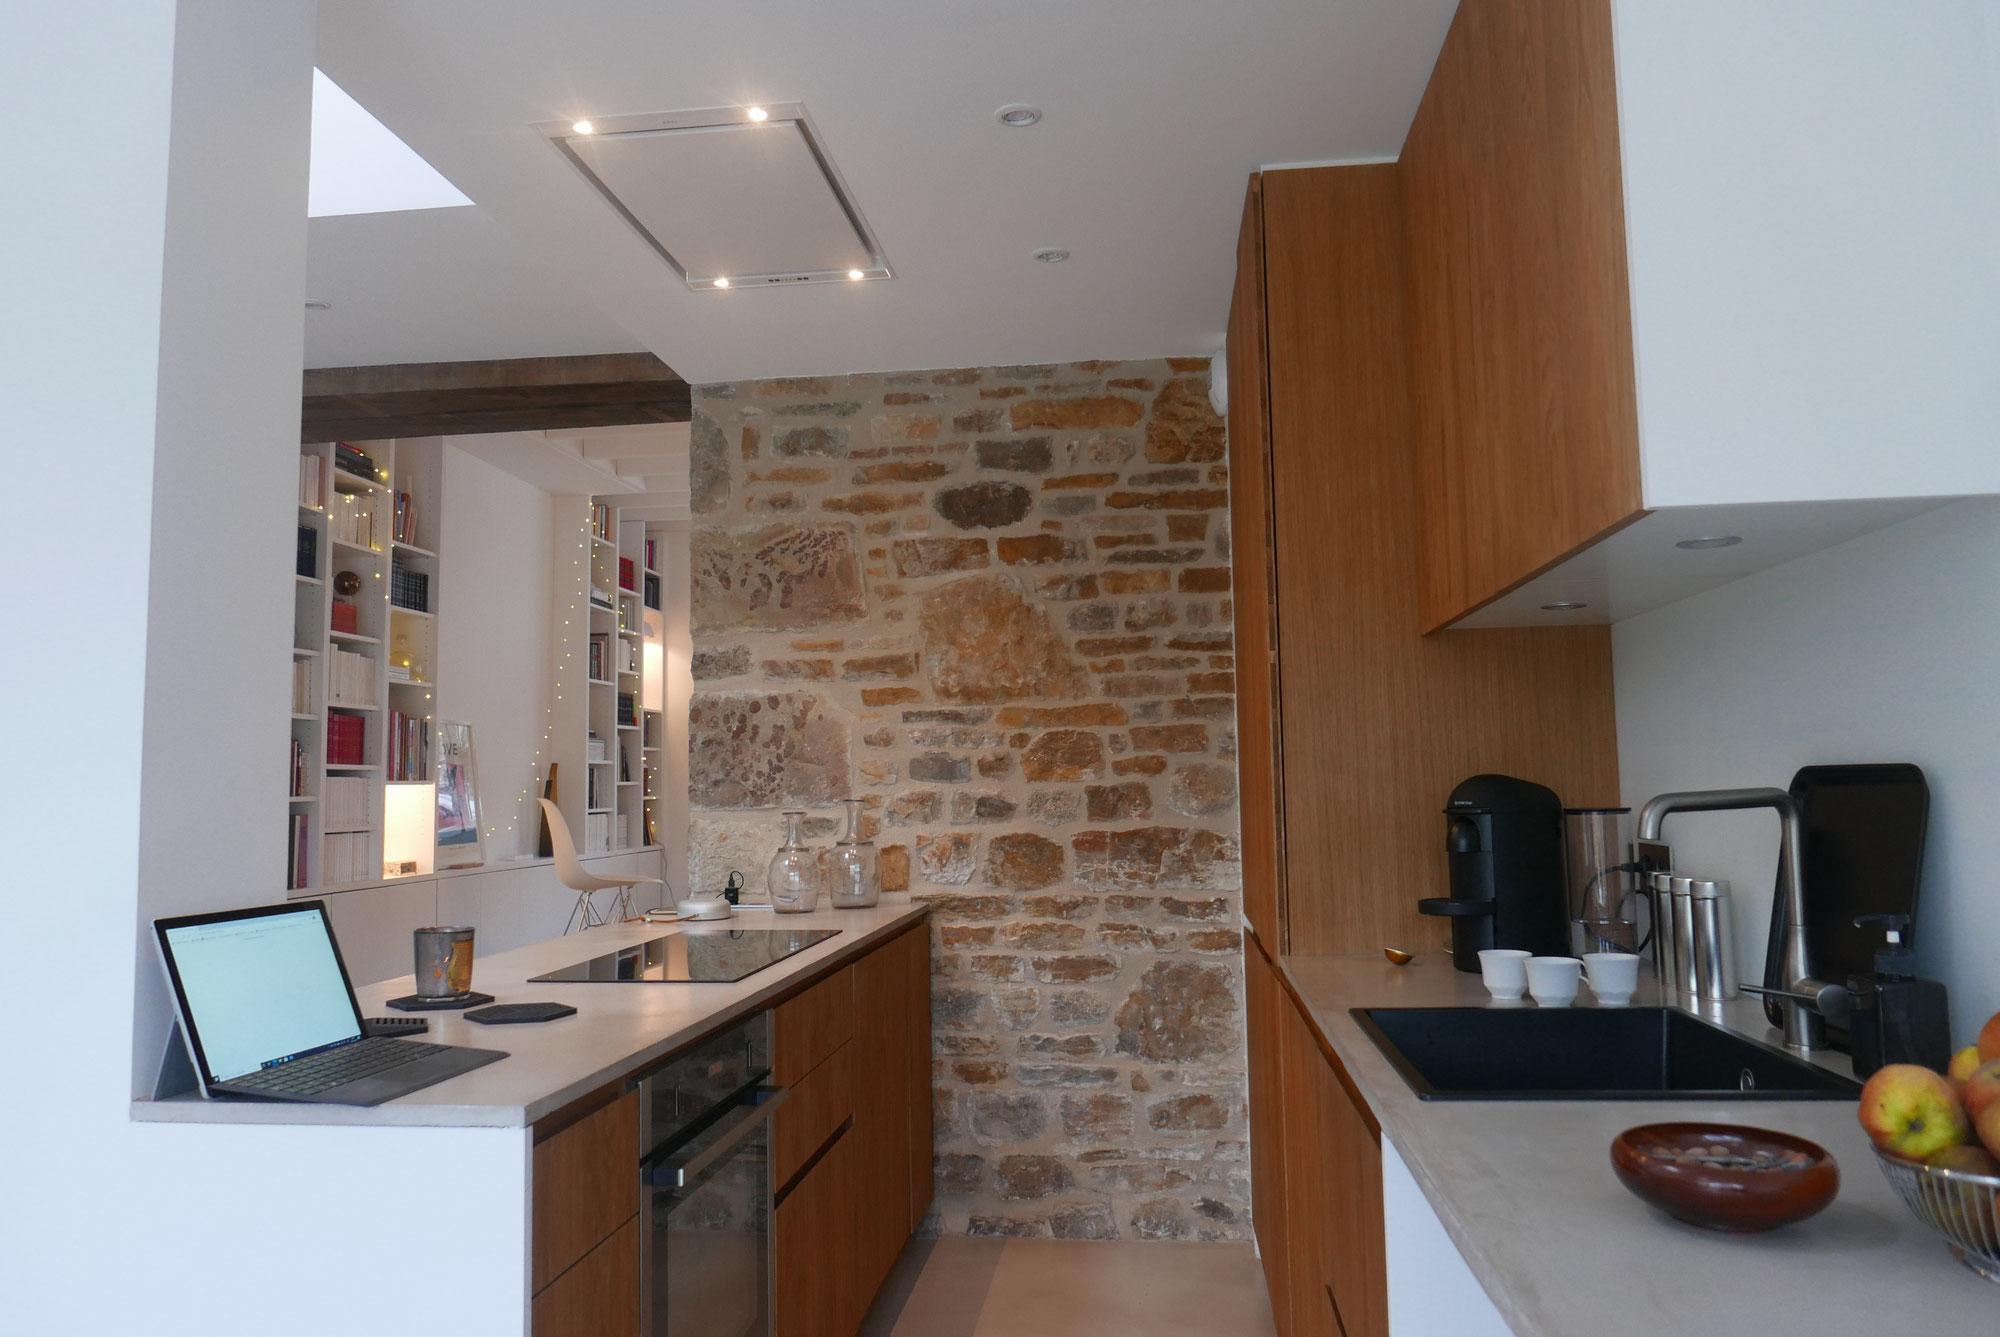 Une rénovation moderne dans une maison de bourg familiale.